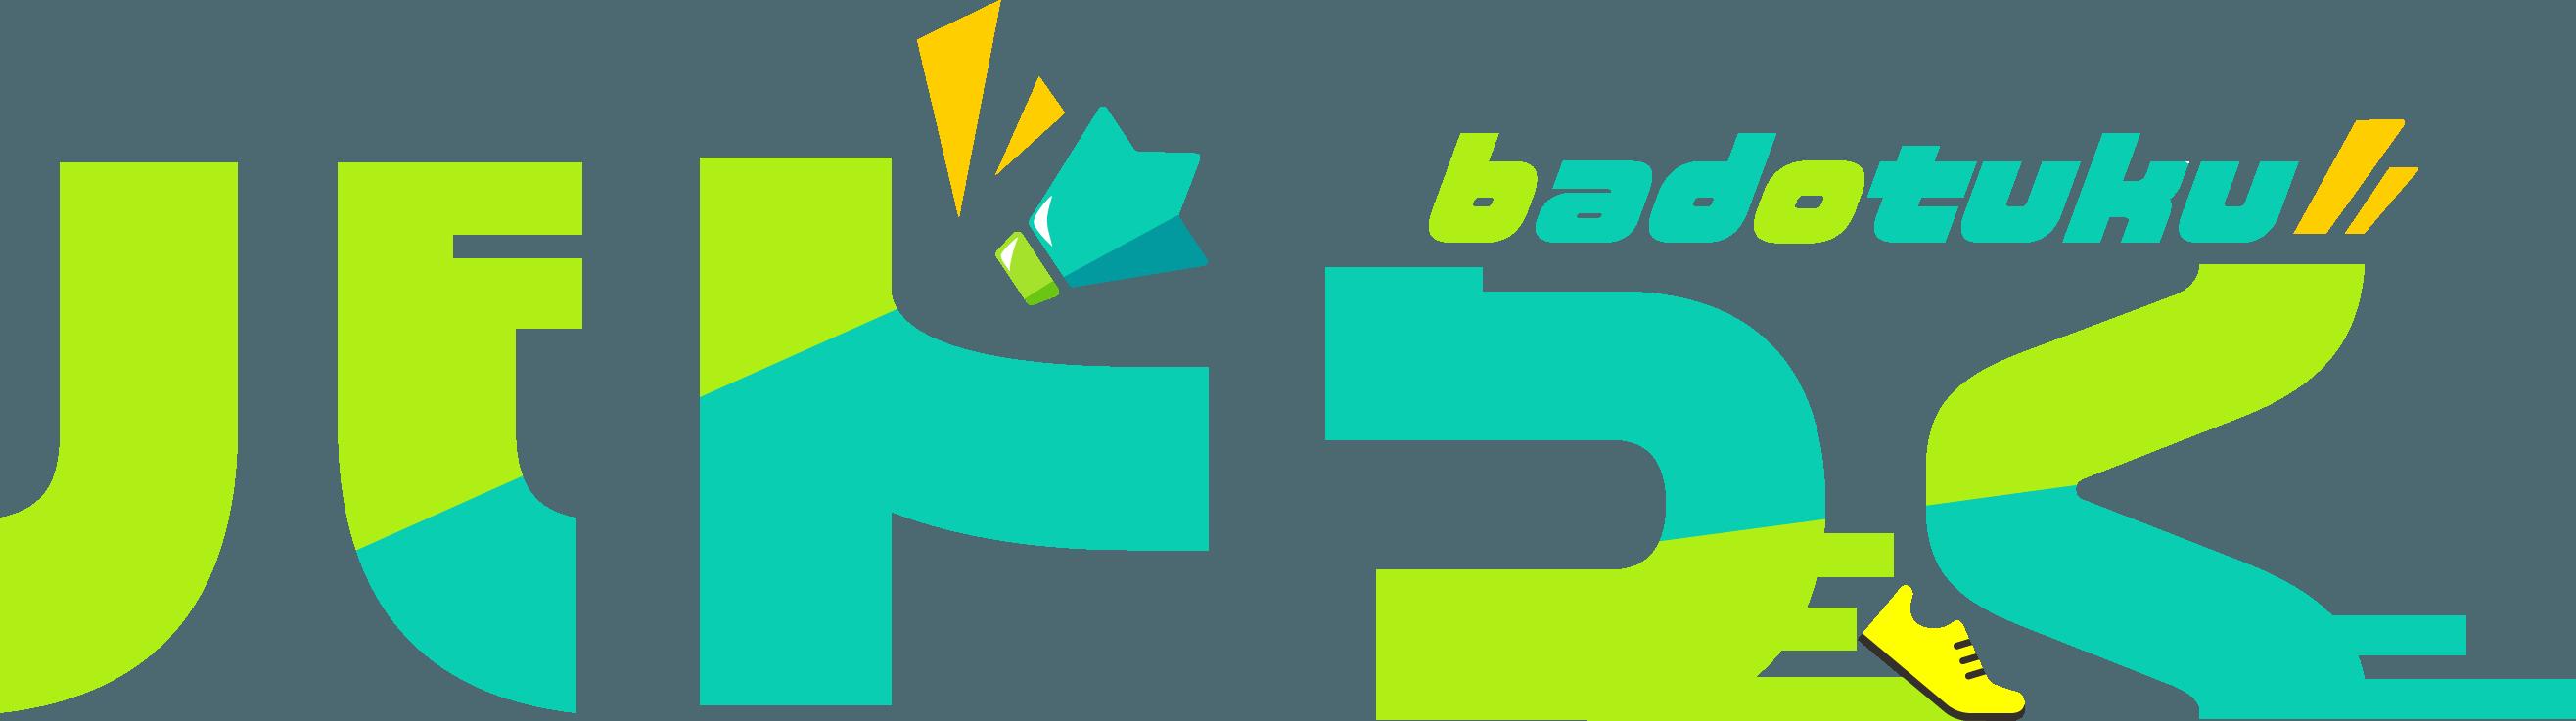 バドつく|バドミントンサークルをつくるためのWEBサイト